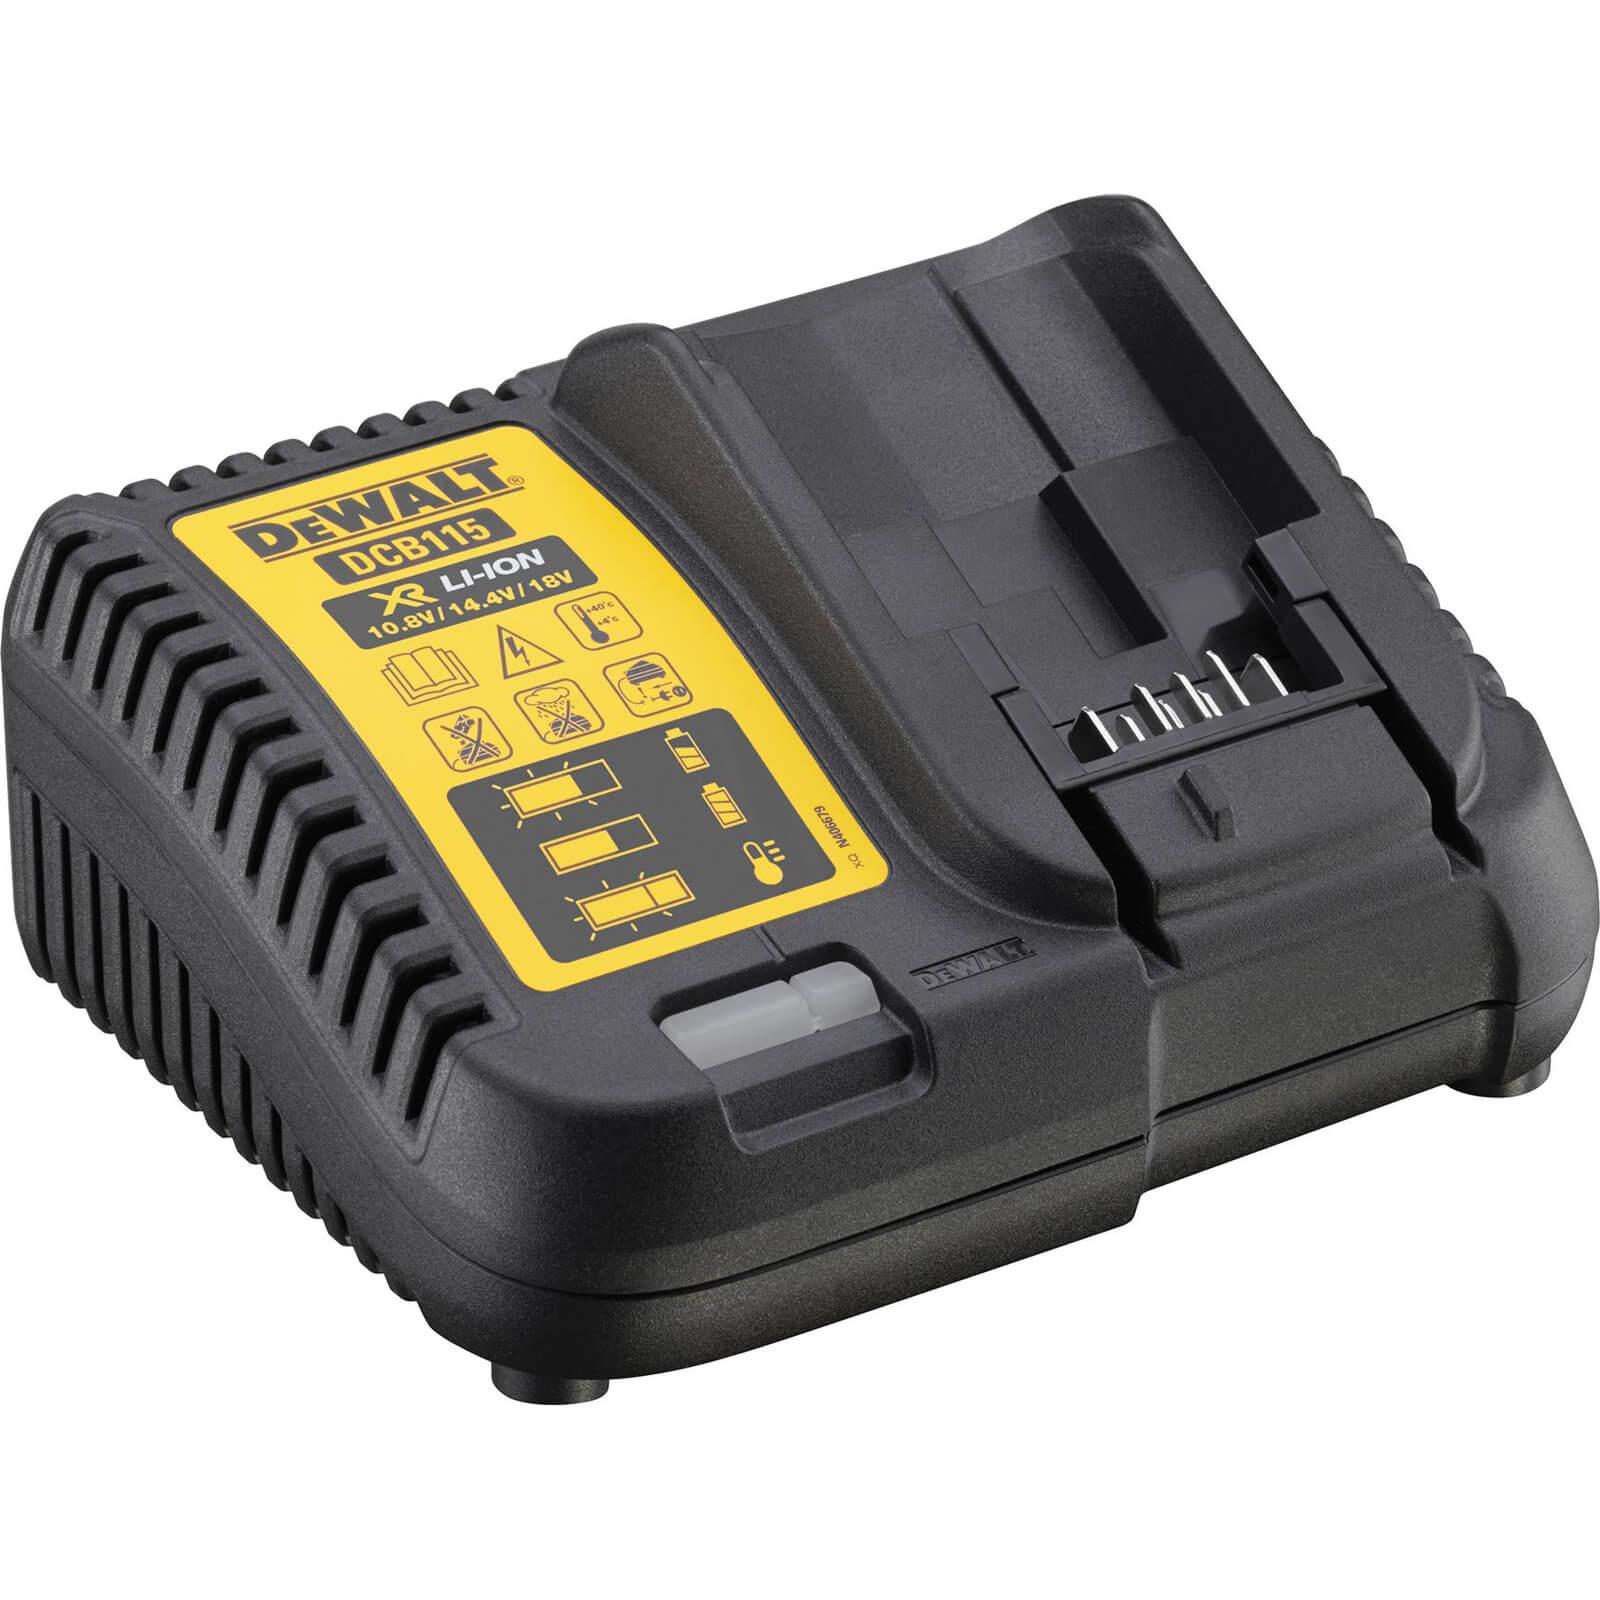 Зарядное устройство для li-ion аккумуляторов 7.4